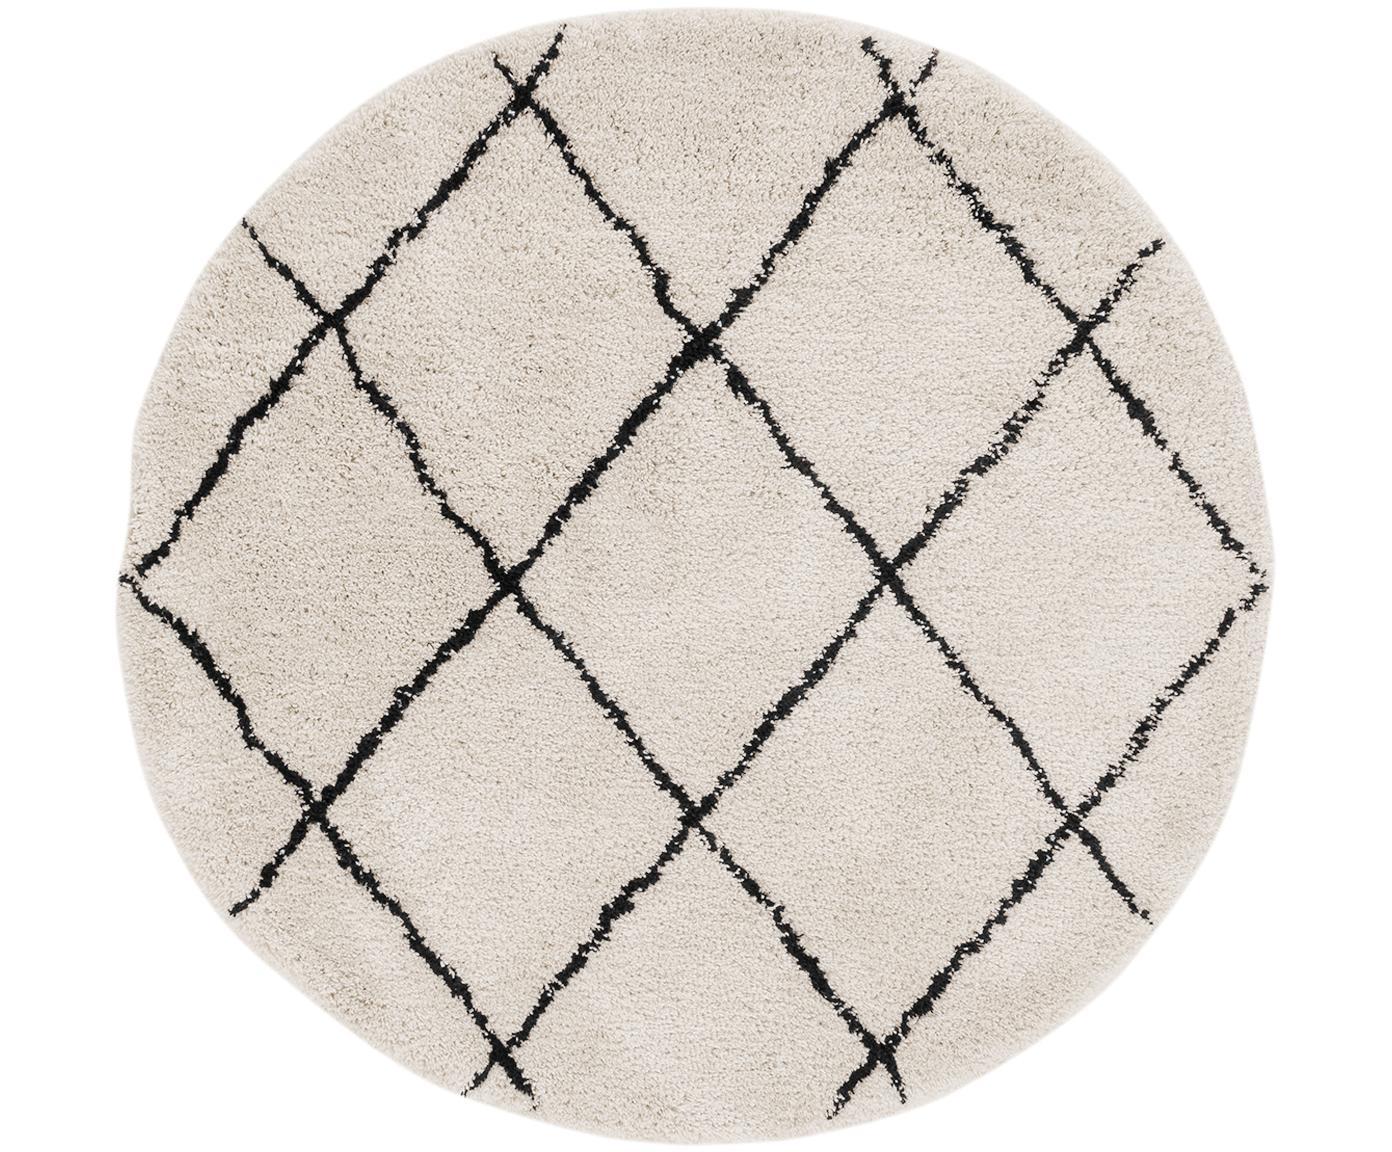 Handgetuft vloerkleed Naima, Bovenzijde: polyester, Onderzijde: katoen, Beige, zwart, Ø 200 cm (maat L)